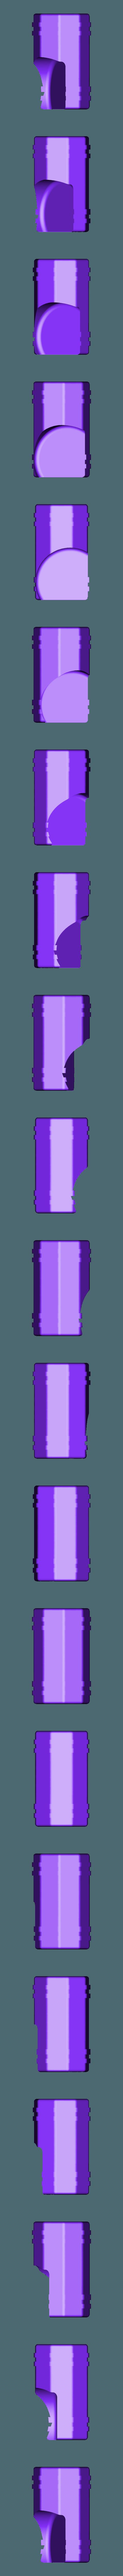 Calf-Left-Silver.stl Télécharger fichier STL gratuit Big Optimus Prime! - Modèle multi-matériaux • Plan pour imprimante 3D, ChaosCoreTech